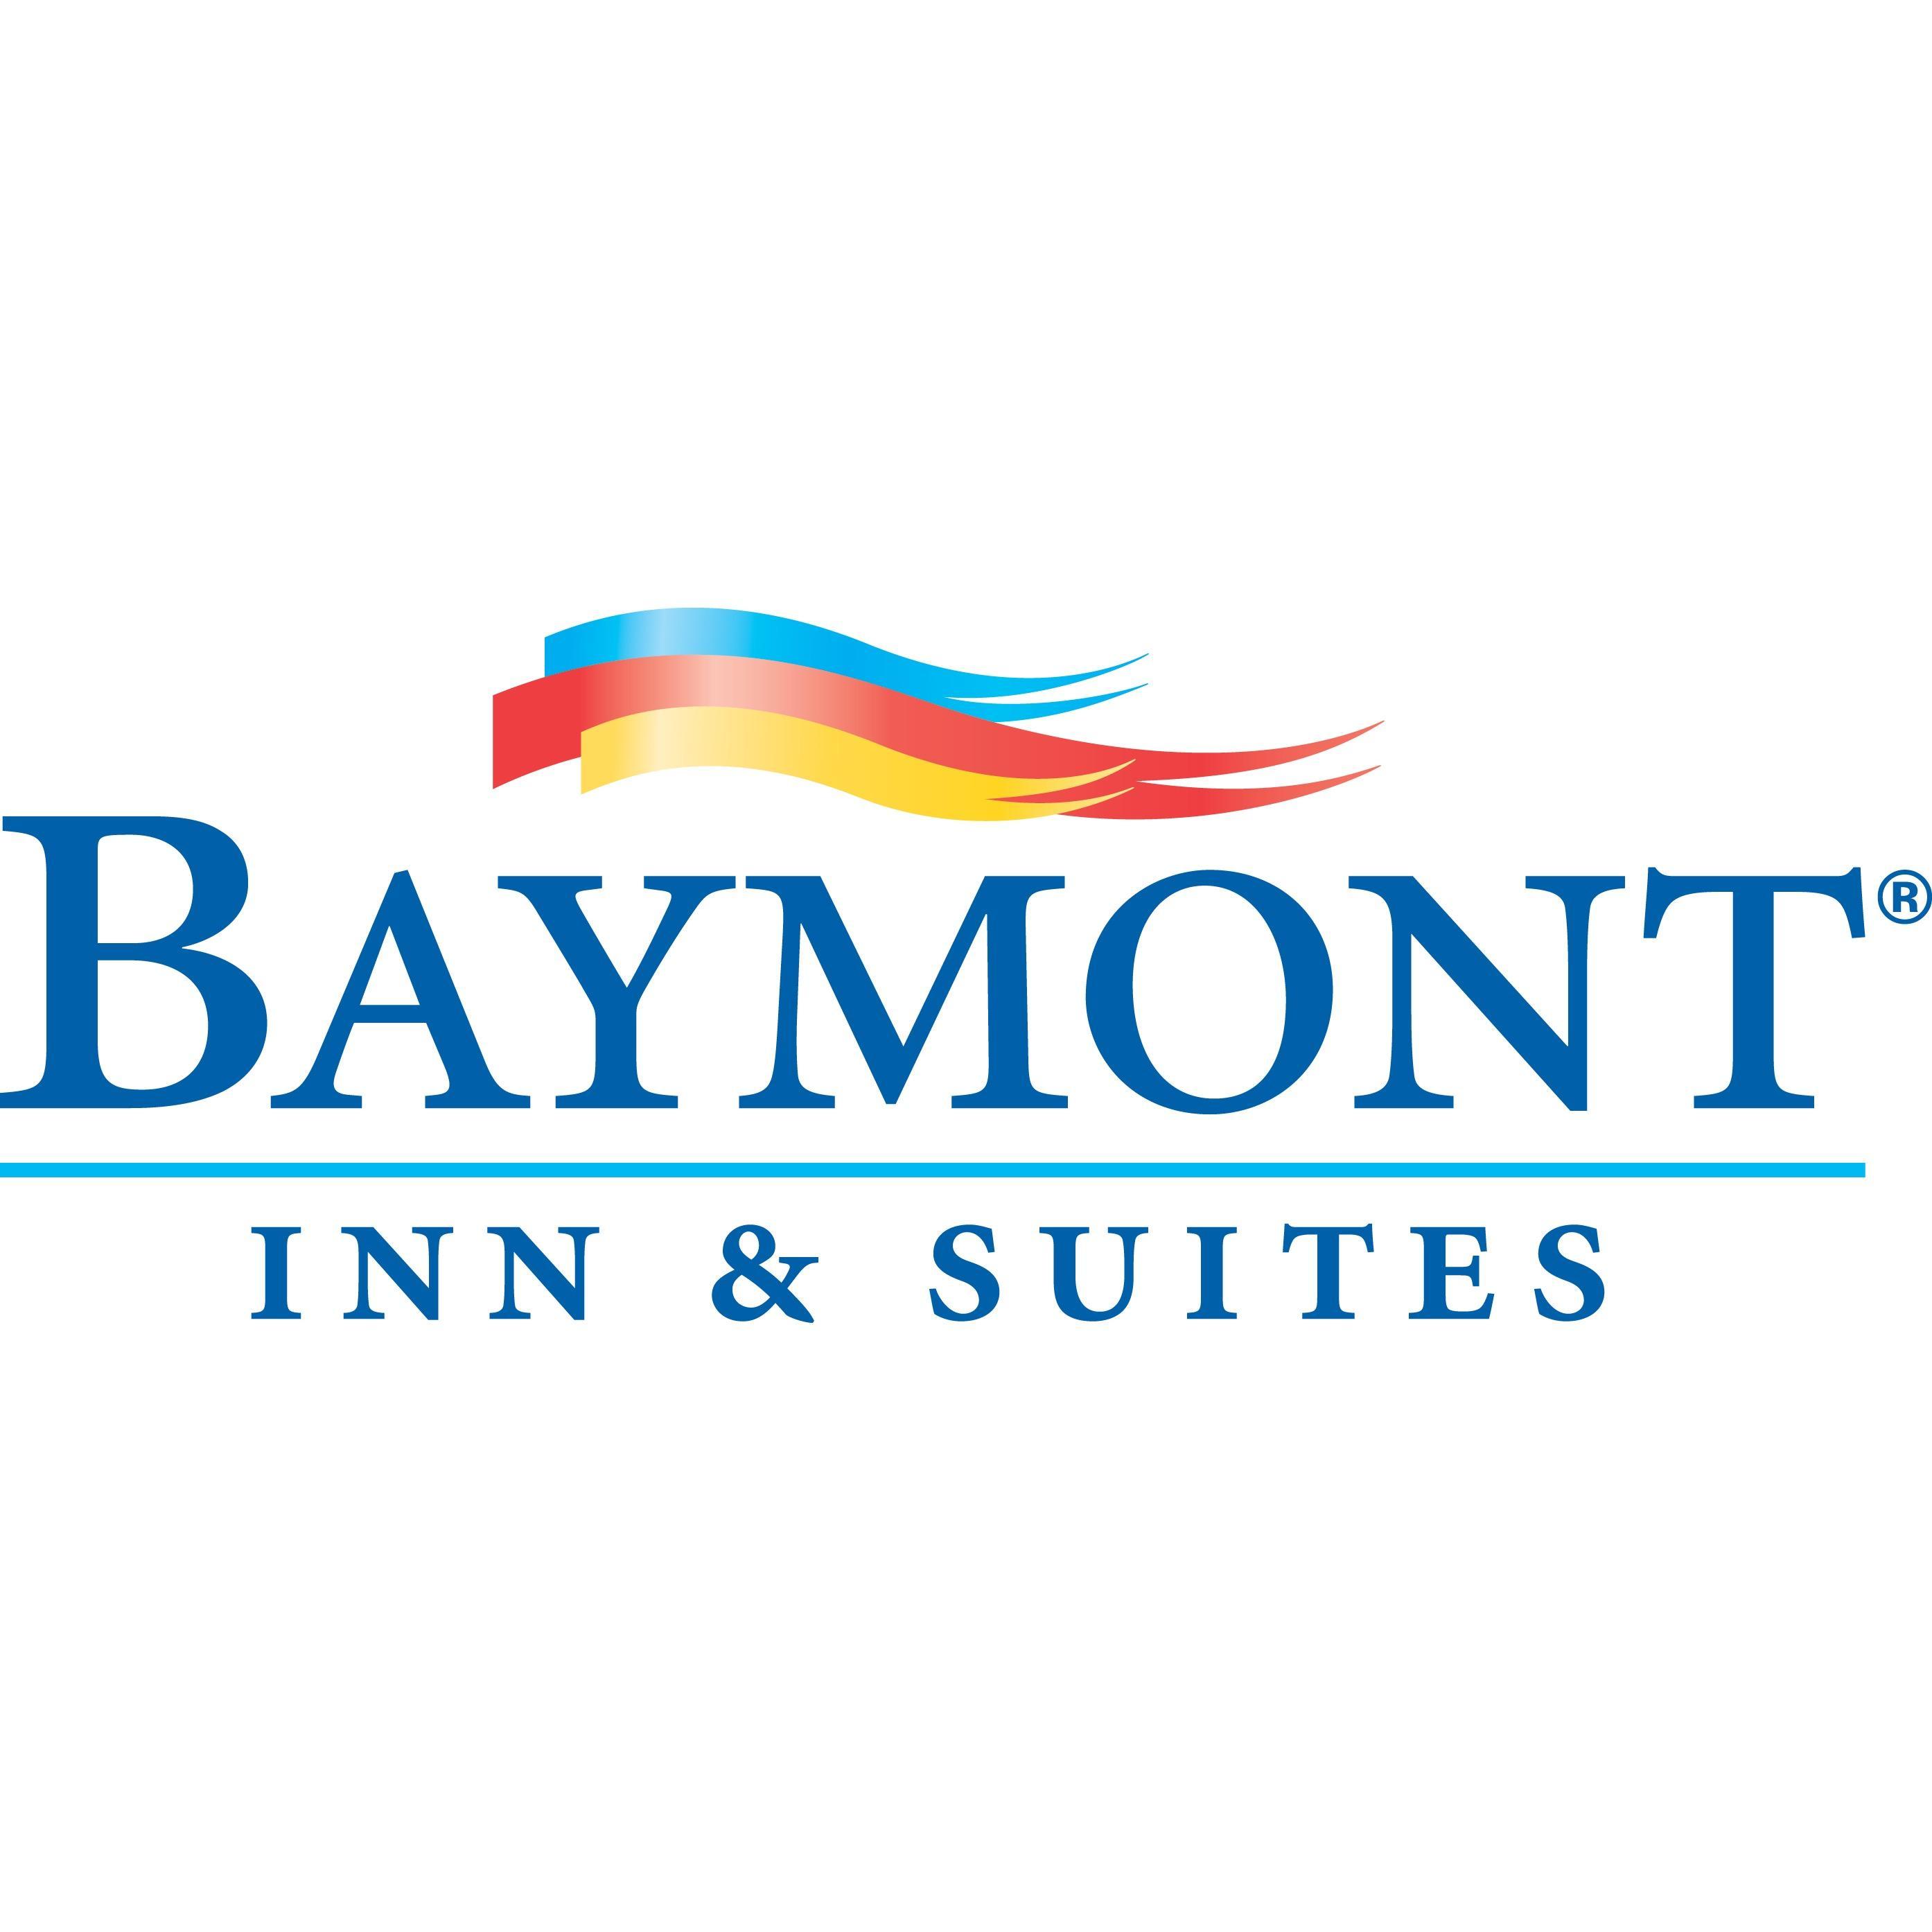 Baymont by Wyndham Albuquerque Airport - Albuquerque, NM 87106 - (800)337-0400 | ShowMeLocal.com